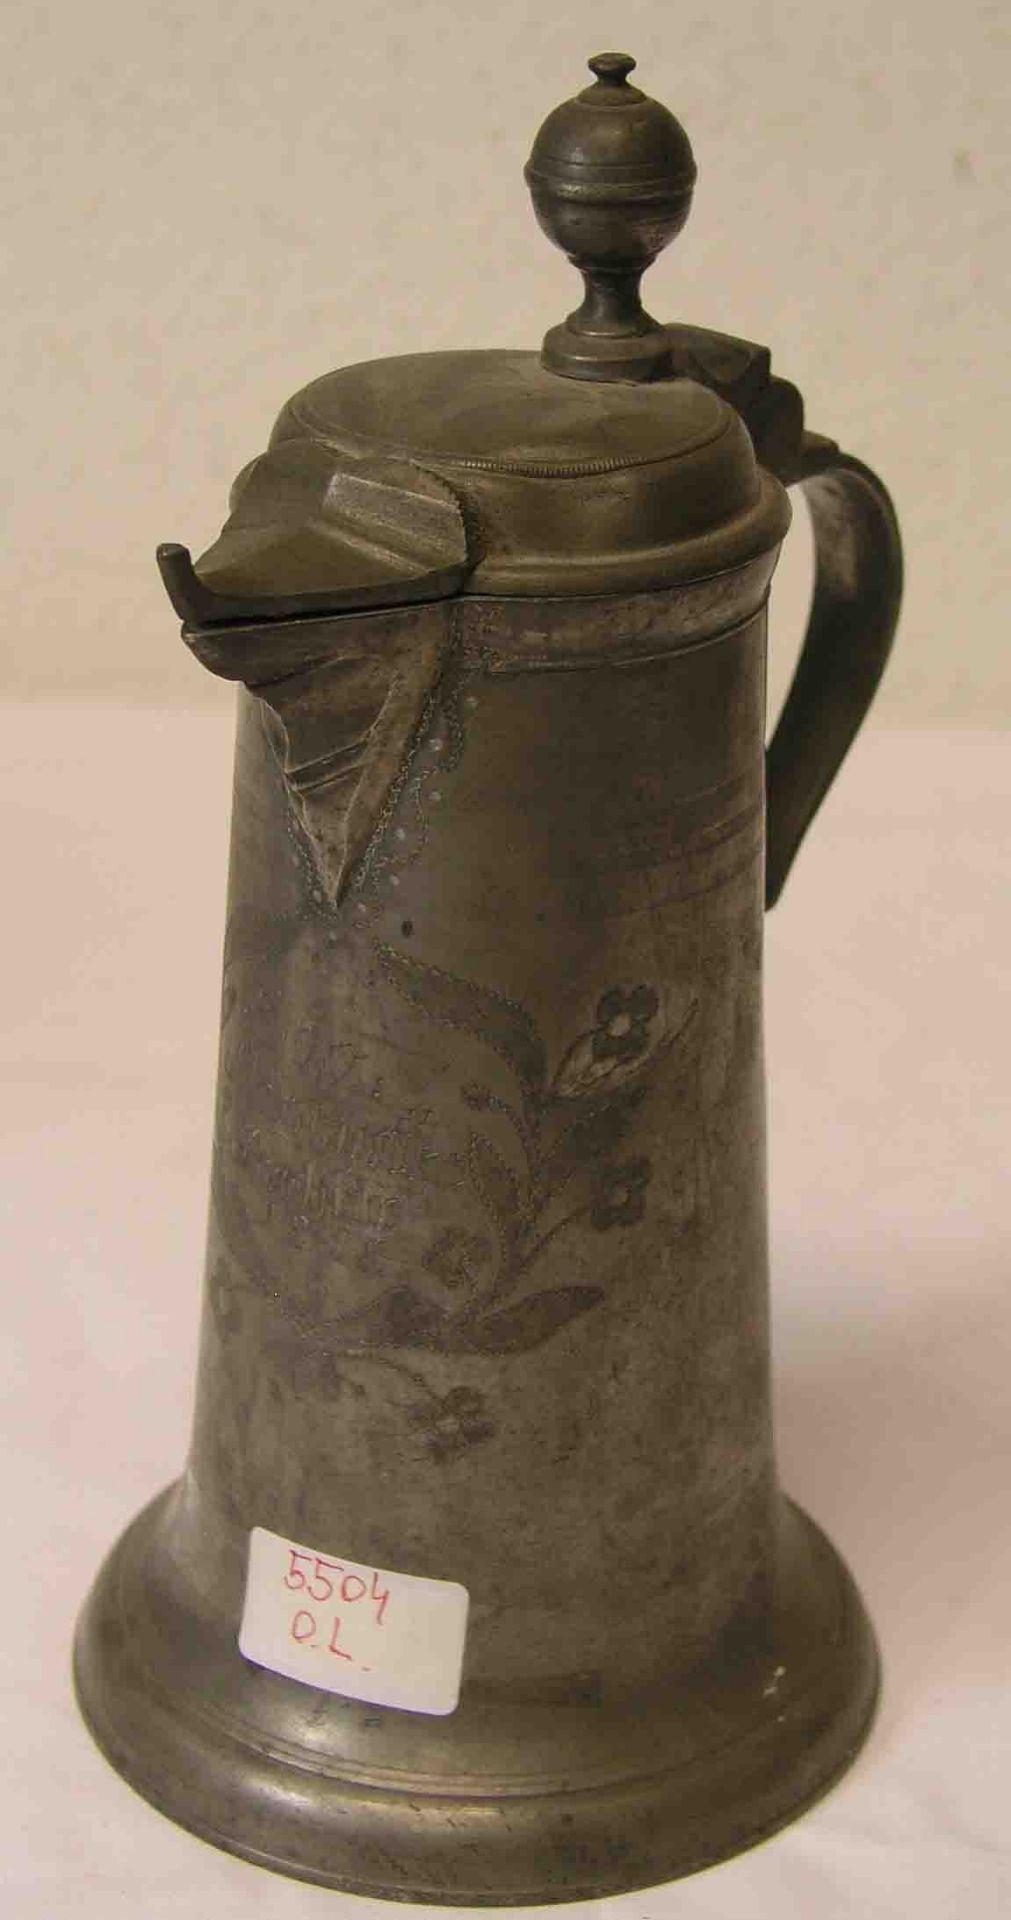 Deckelkanne, datiert 1818. Deckel mit